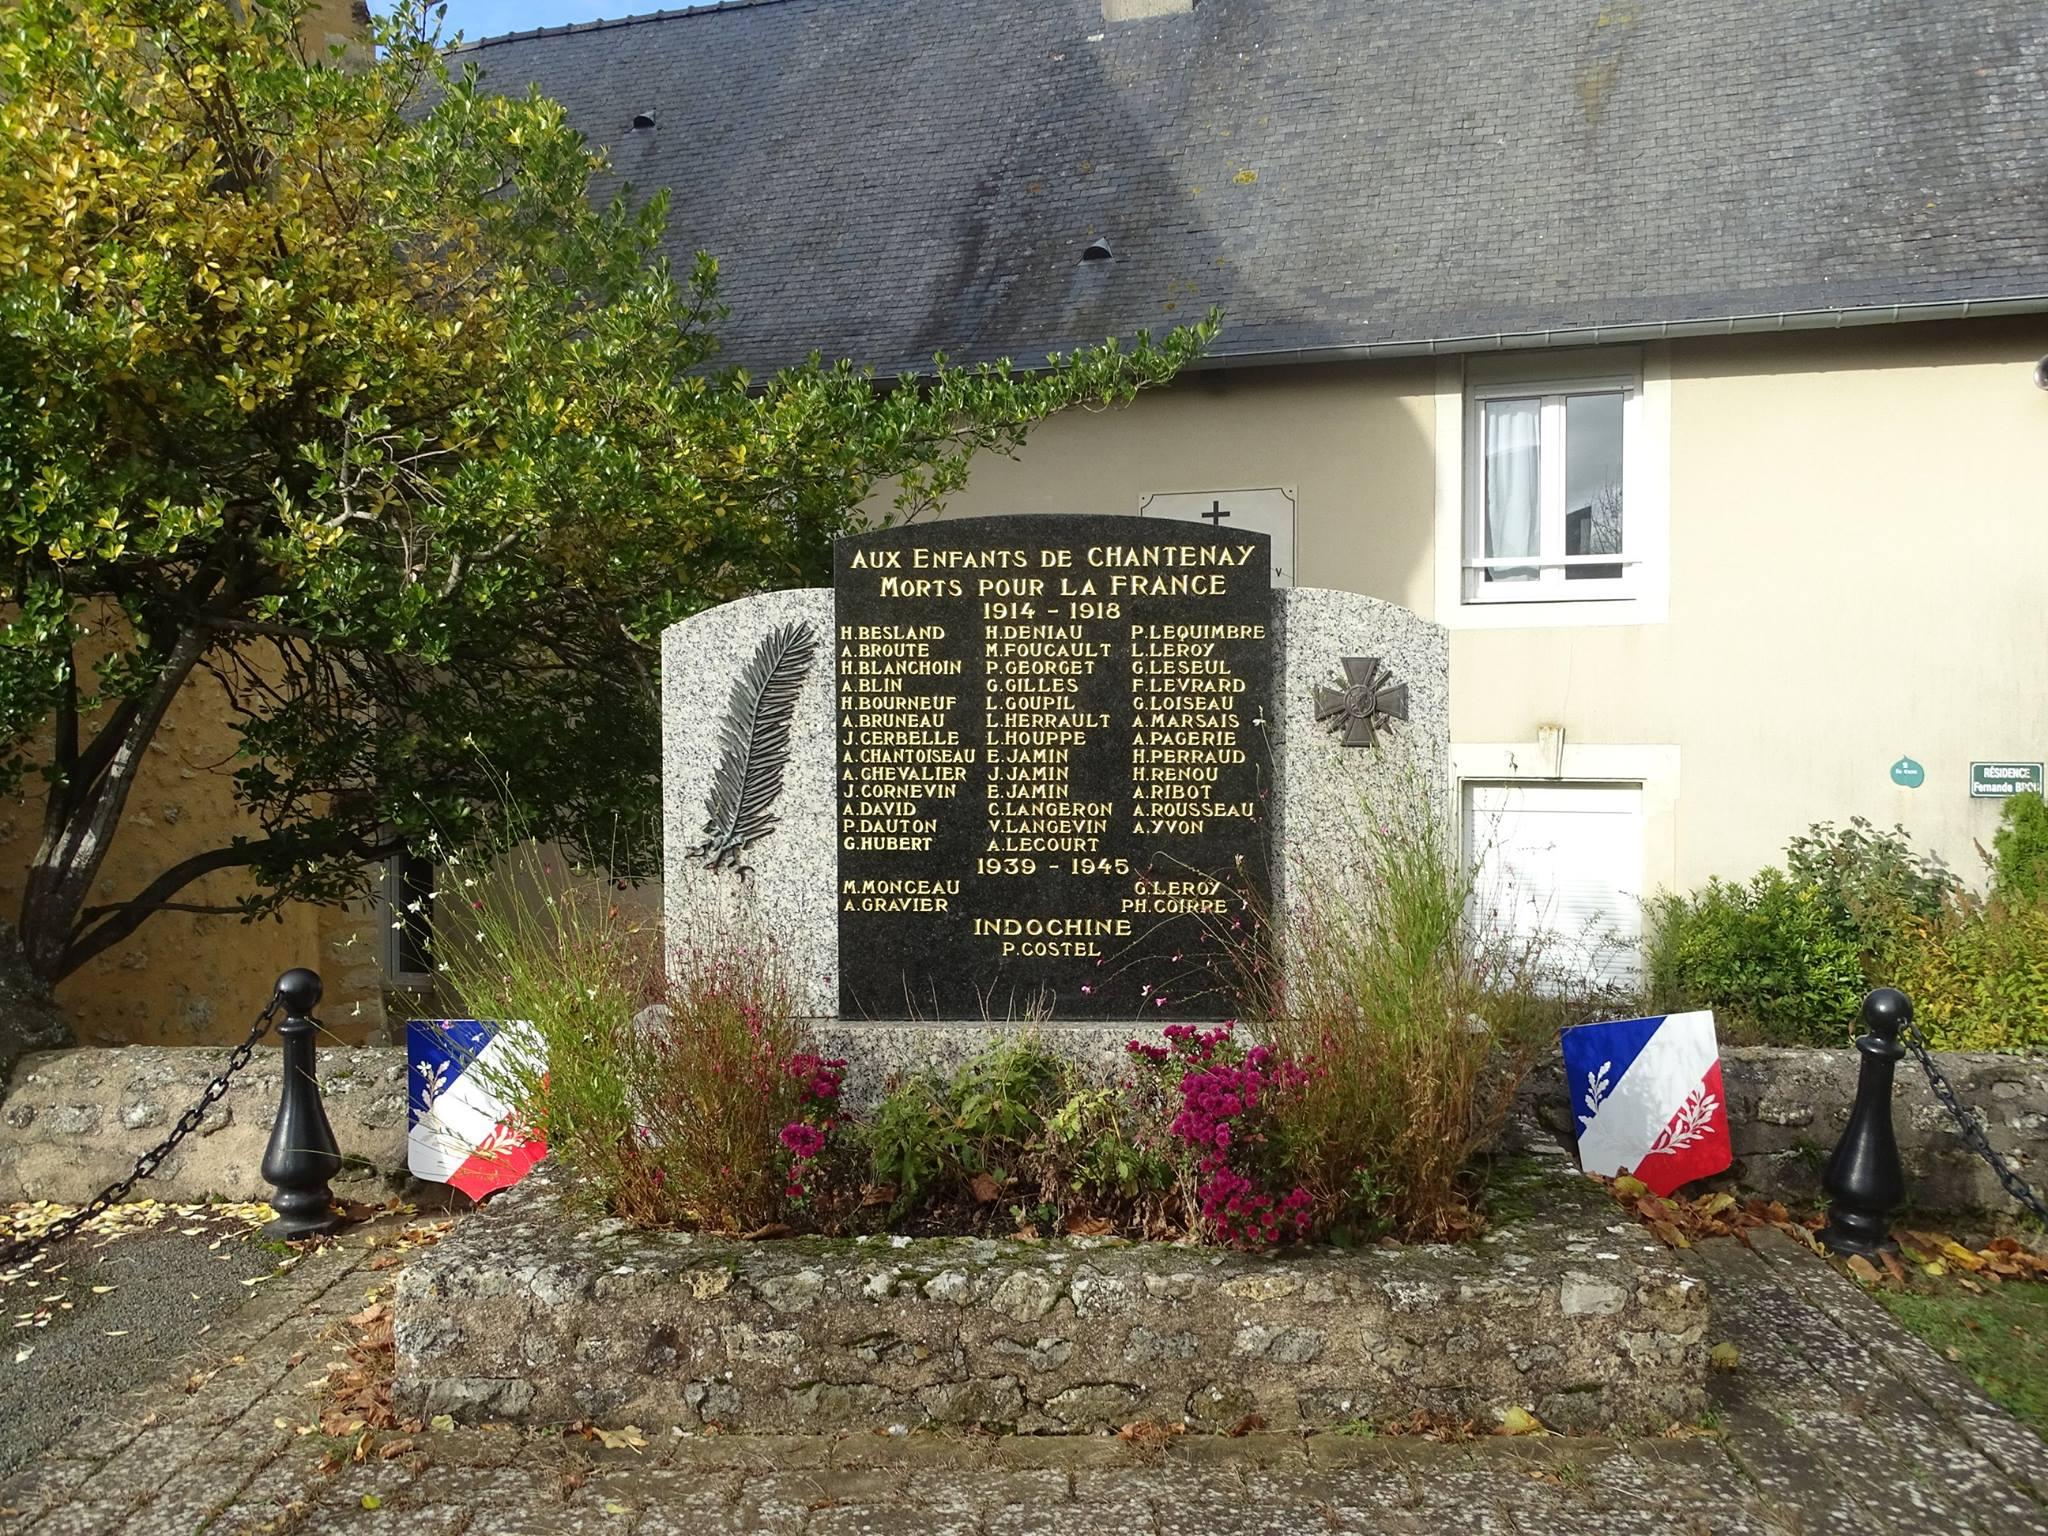 Chantenay Villedieu - Monument commémoratif - Aux enfants de Chantenay morts pour la France 1914-1918 - Vue 01 (Marie-Yvonne Mersanne)